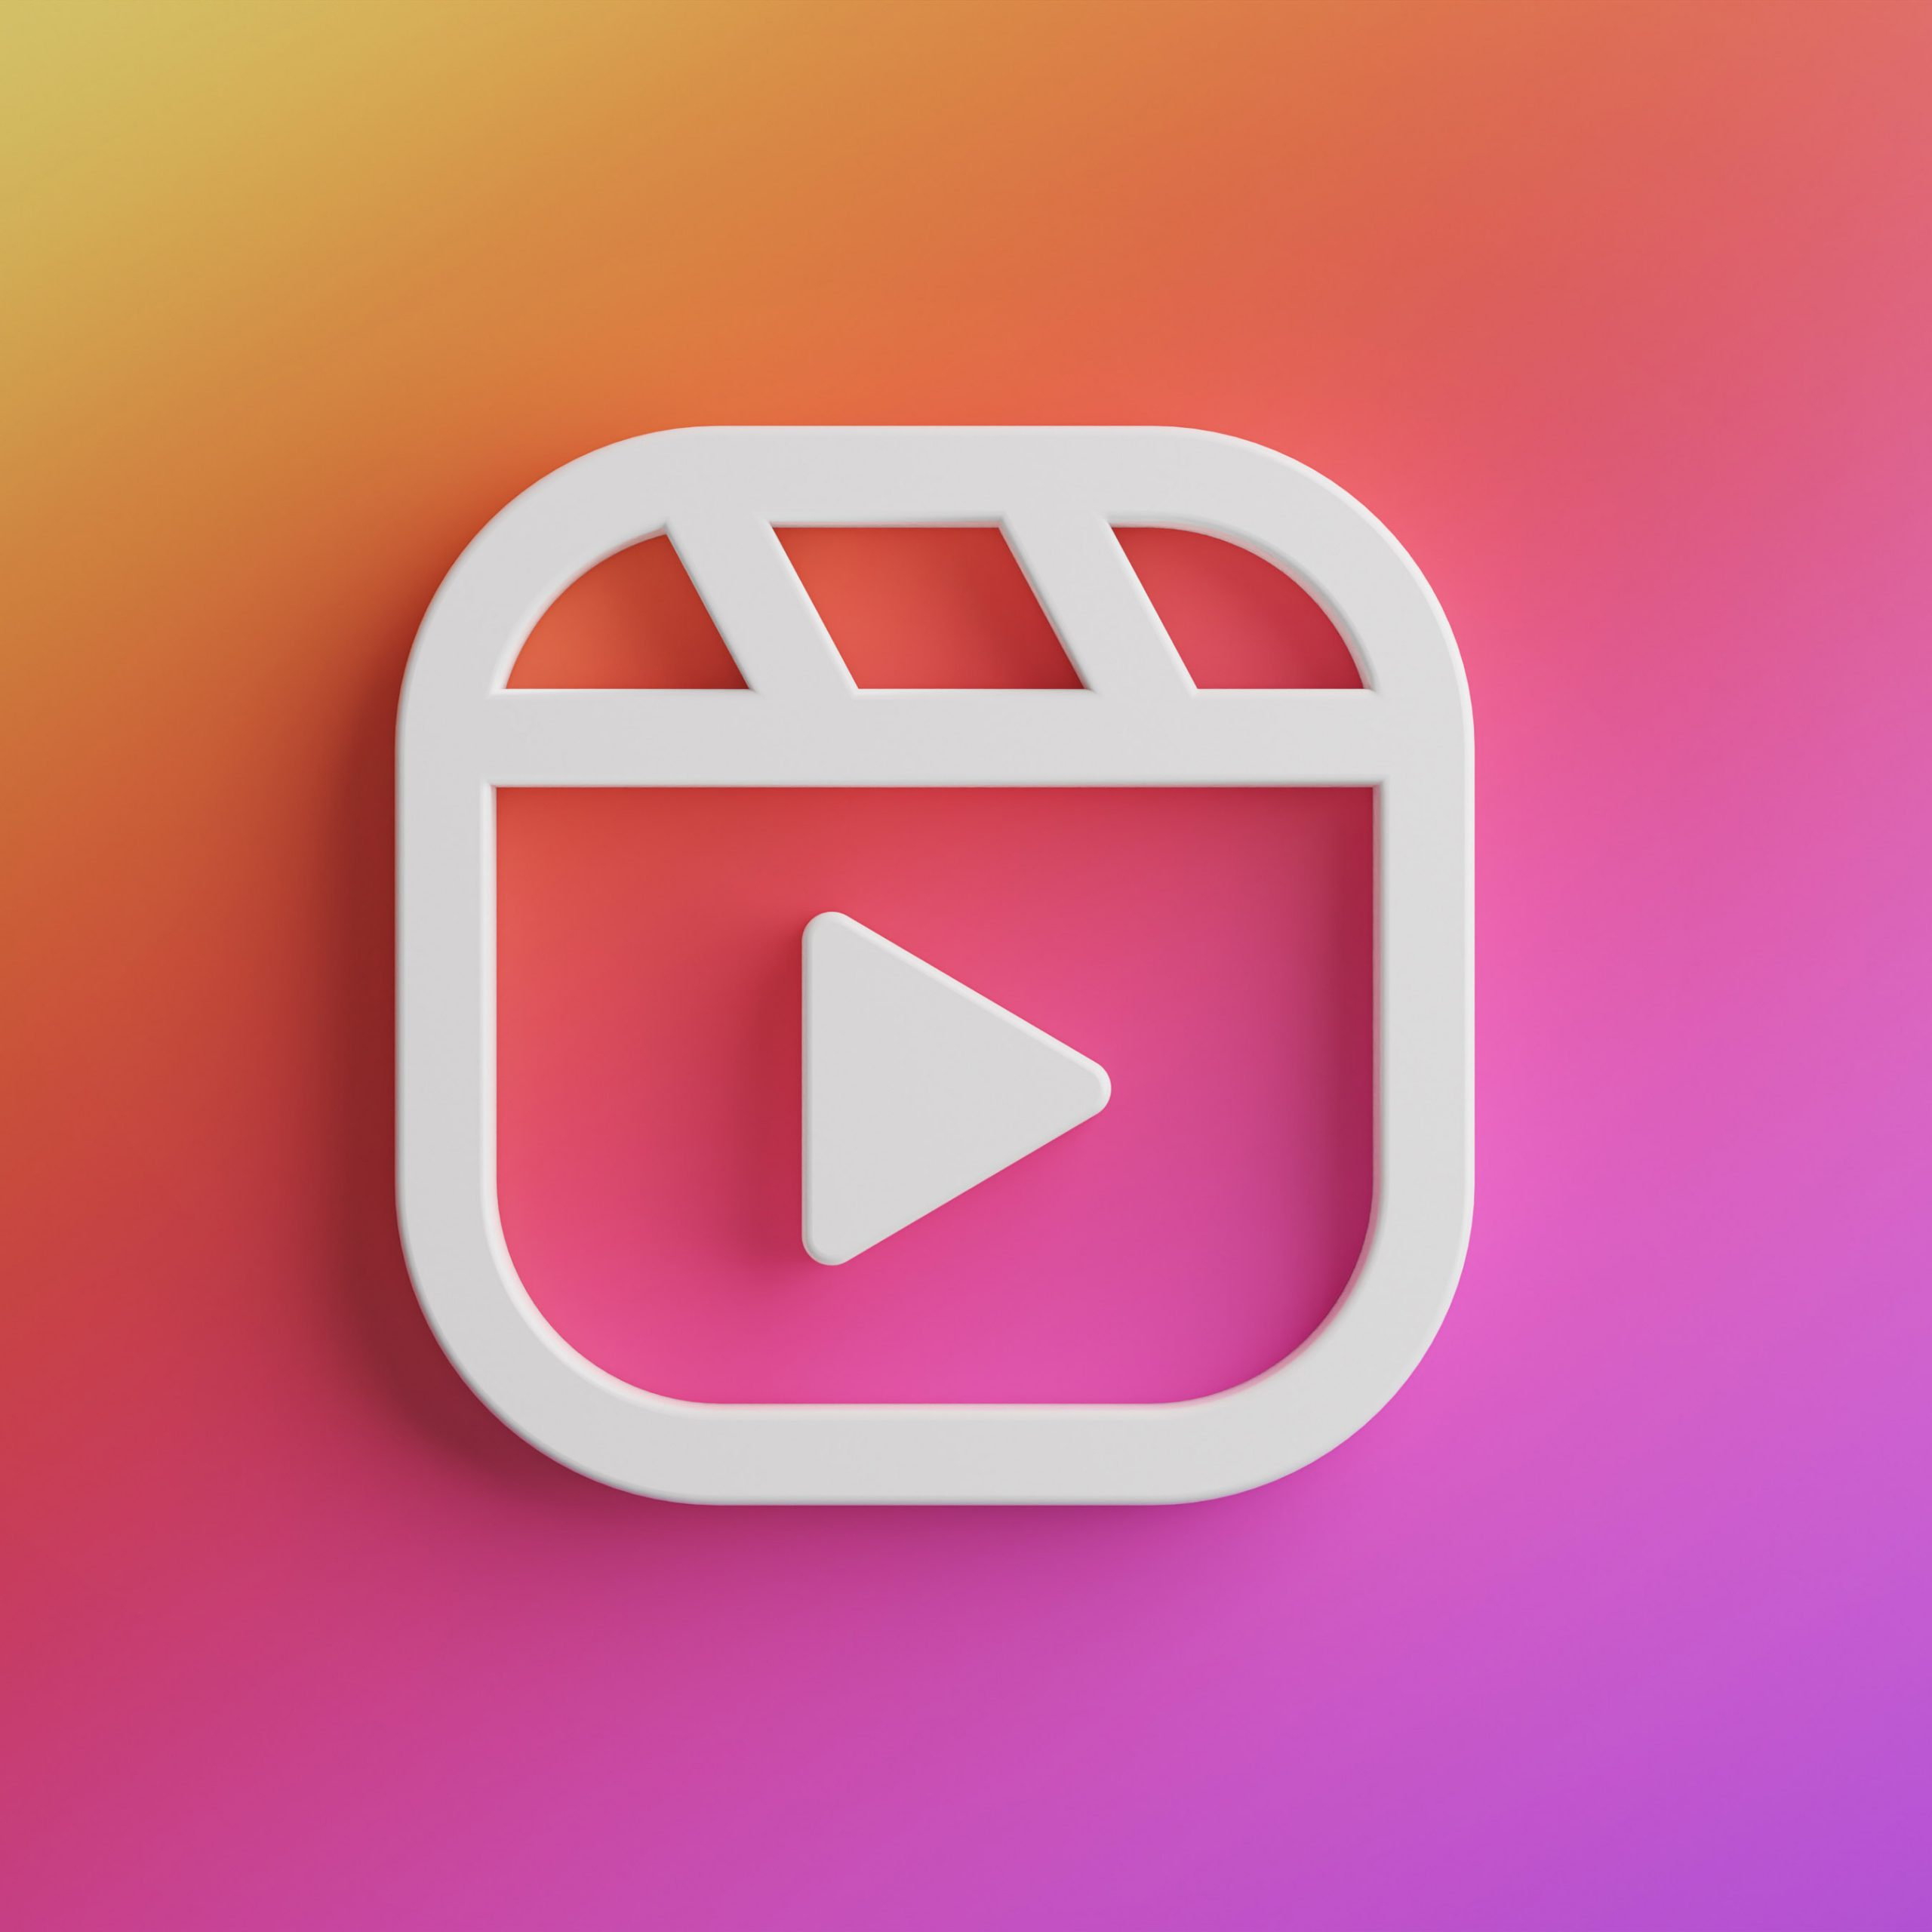 Instagram - Reels